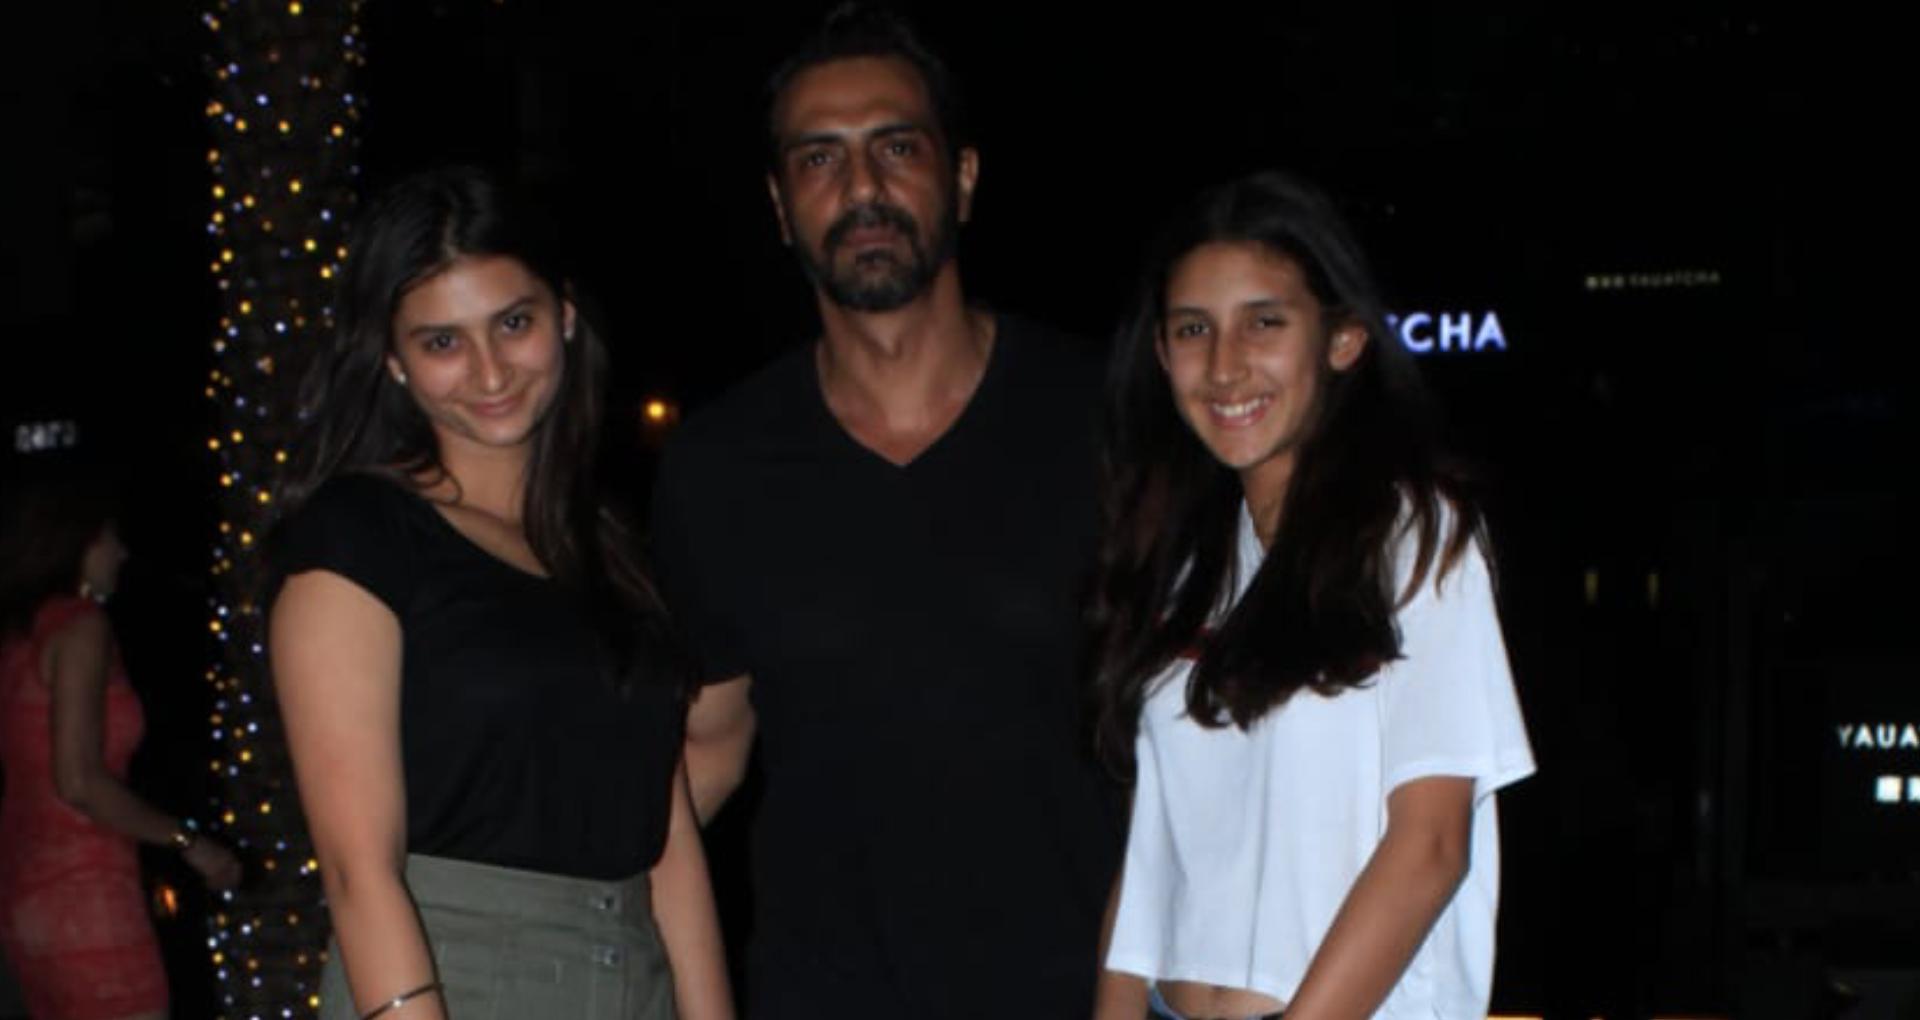 अर्जुन रामपाल अपनी बेटियों के साथ डिनर डेट पर आए नजर, बाप-बेटी के बीच कुछ यूं दिखा प्यार